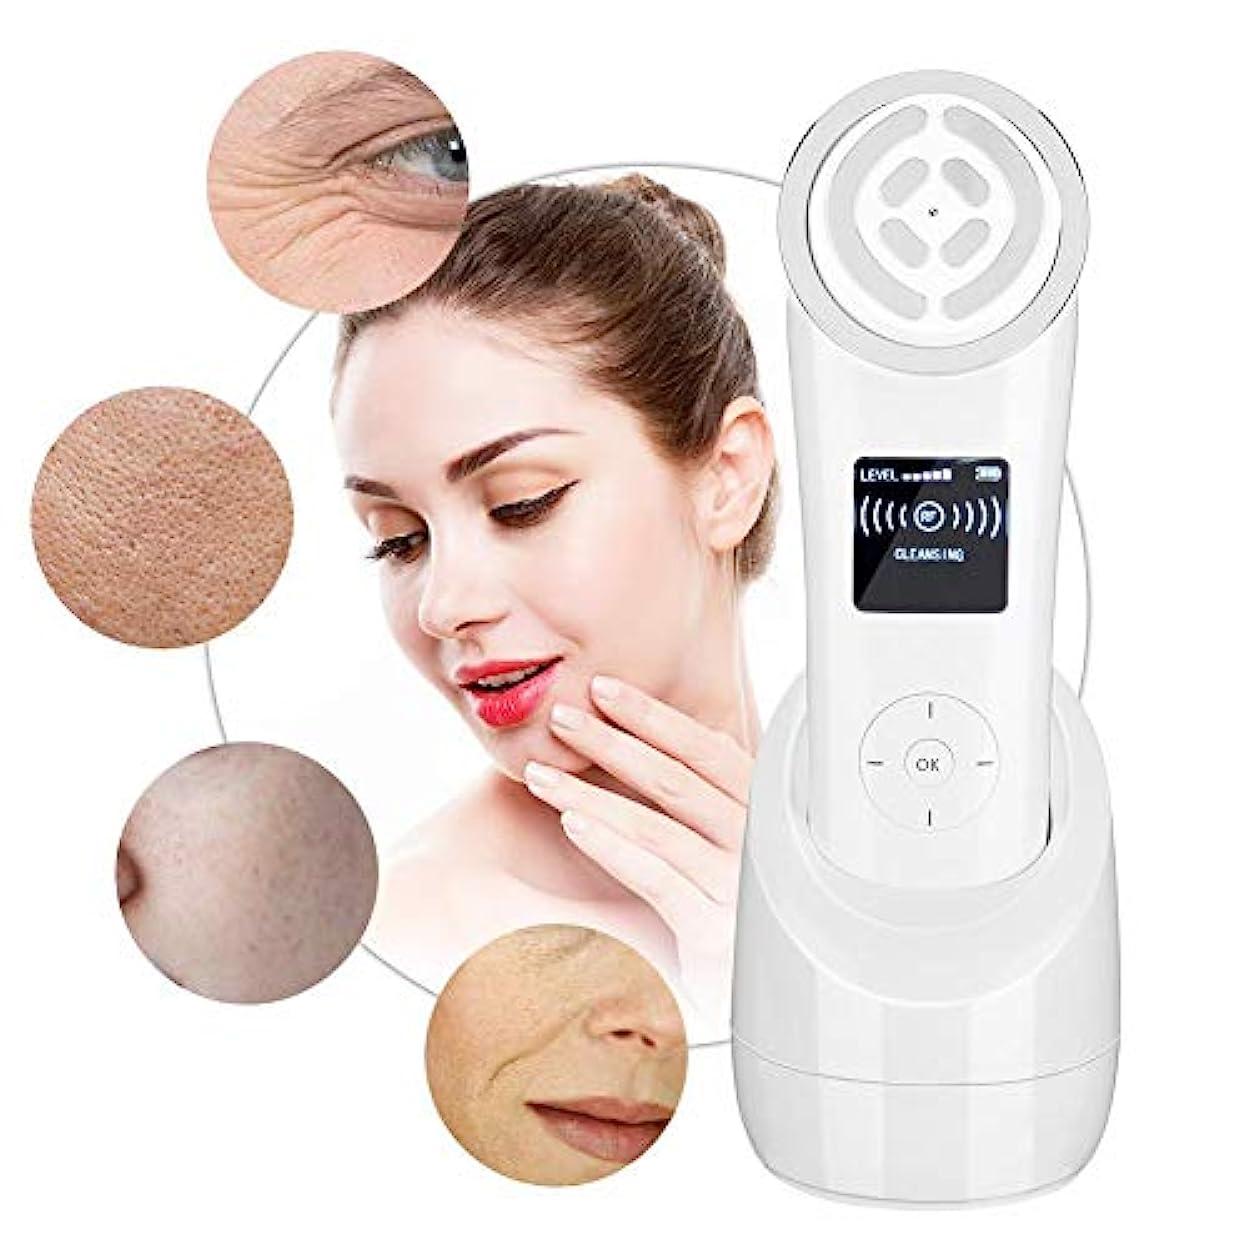 ホーム生息地自己尊重顔の美しさのマシン - RF周波数アンチエイジングアンチリンクル、肌の若返り楽器 - ポータブル若返り肌がEMS筋肉刺激を強化(UE)